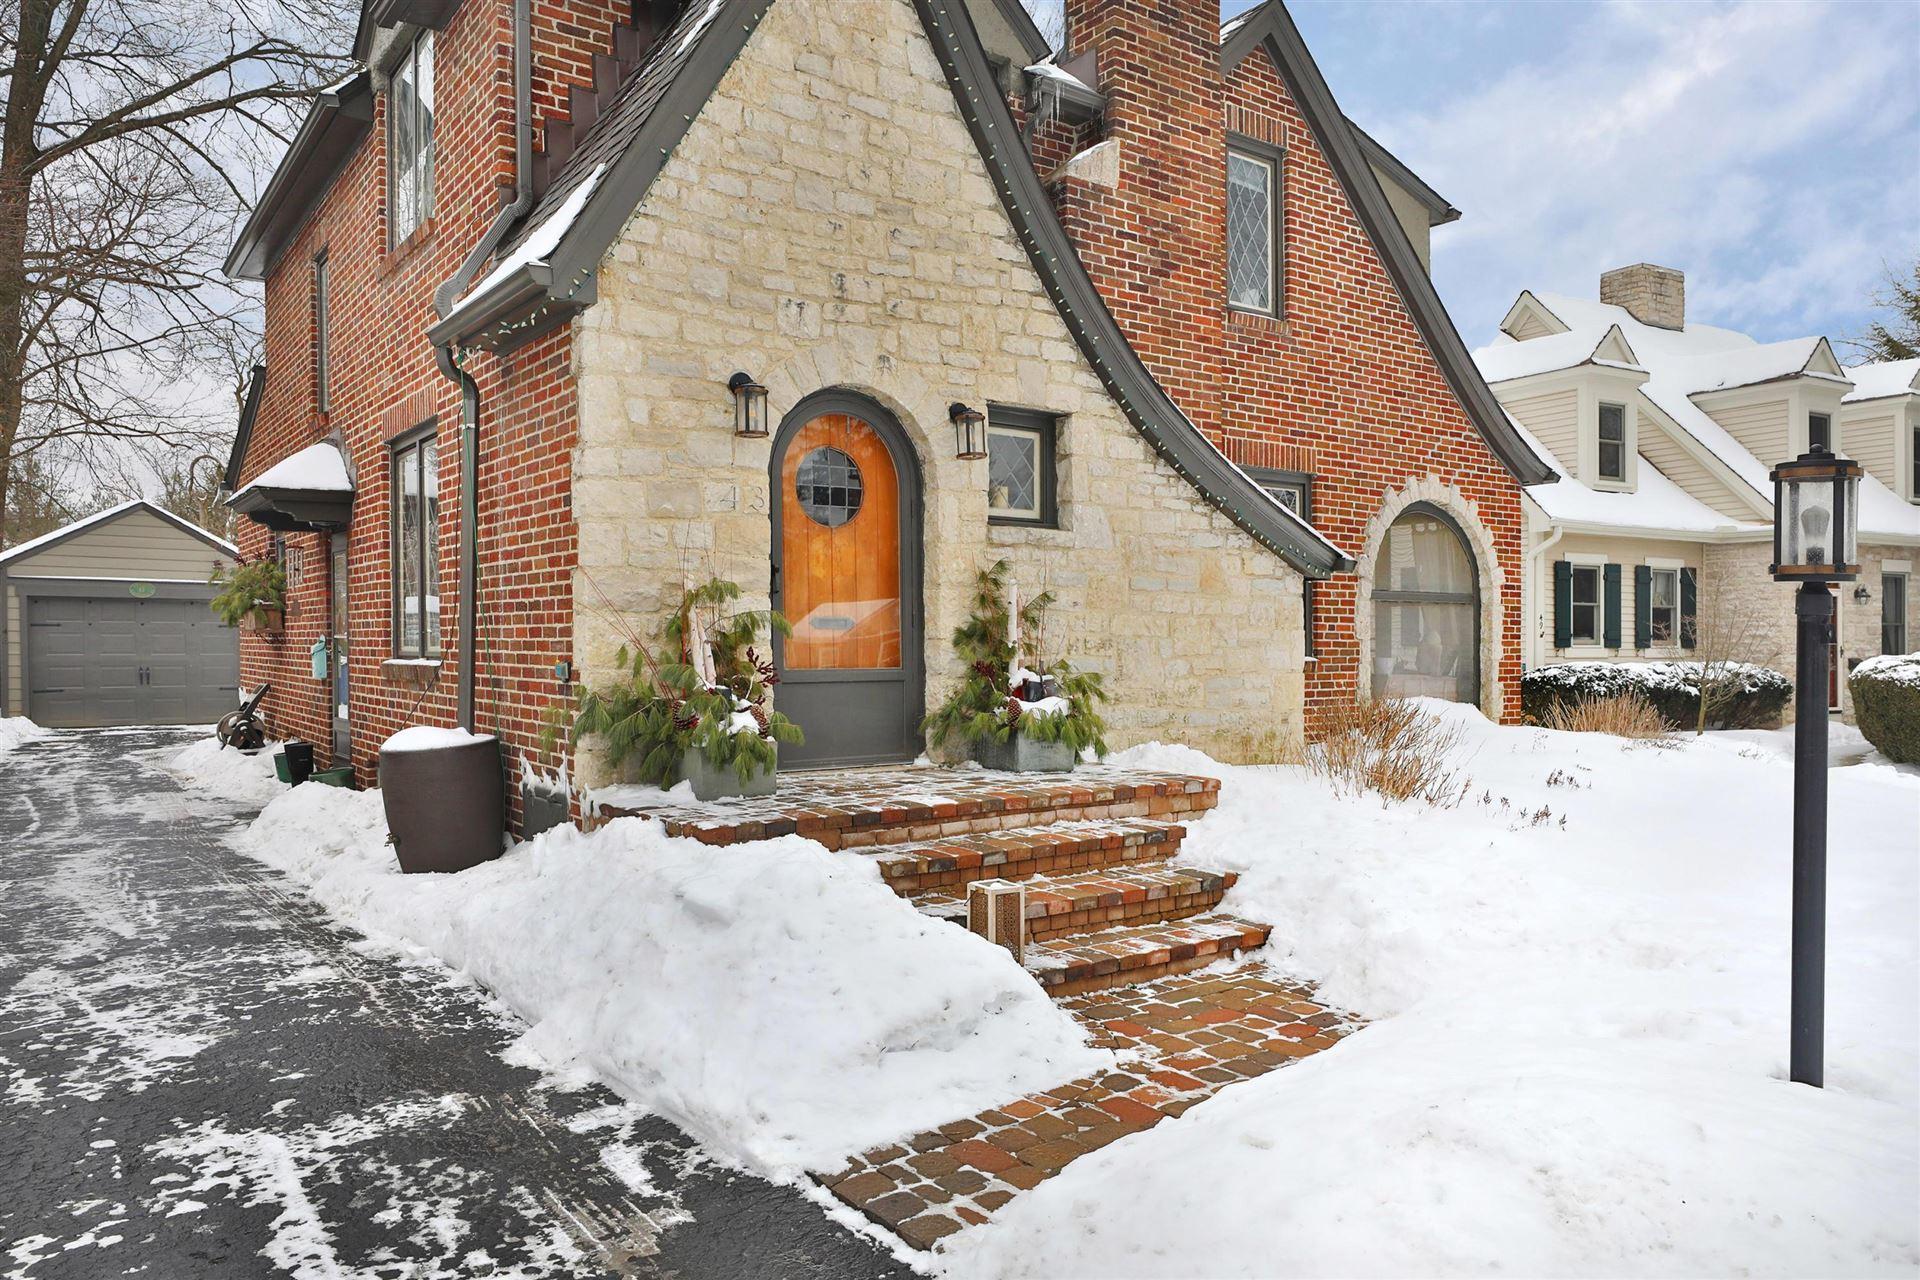 Photo of 43 W Southington Avenue, Worthington, OH 43085 (MLS # 221004925)